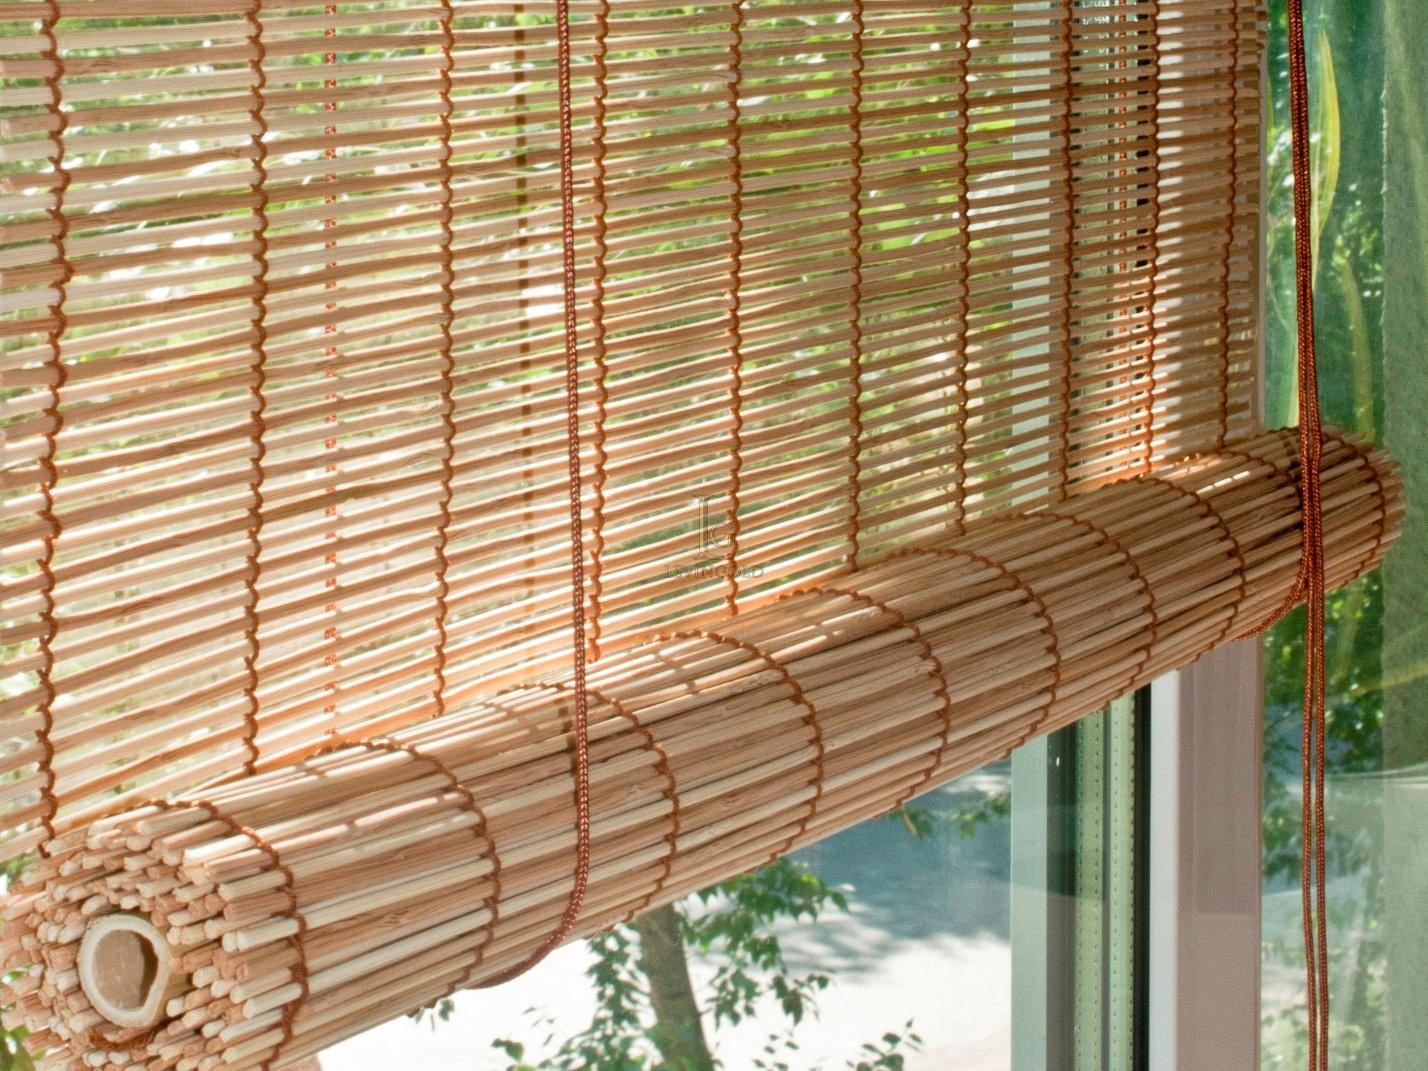 Более современный вид штор для балкона, изготавливаются в виде: бамбуковых рулонных штор и бамбуковых жалюзи